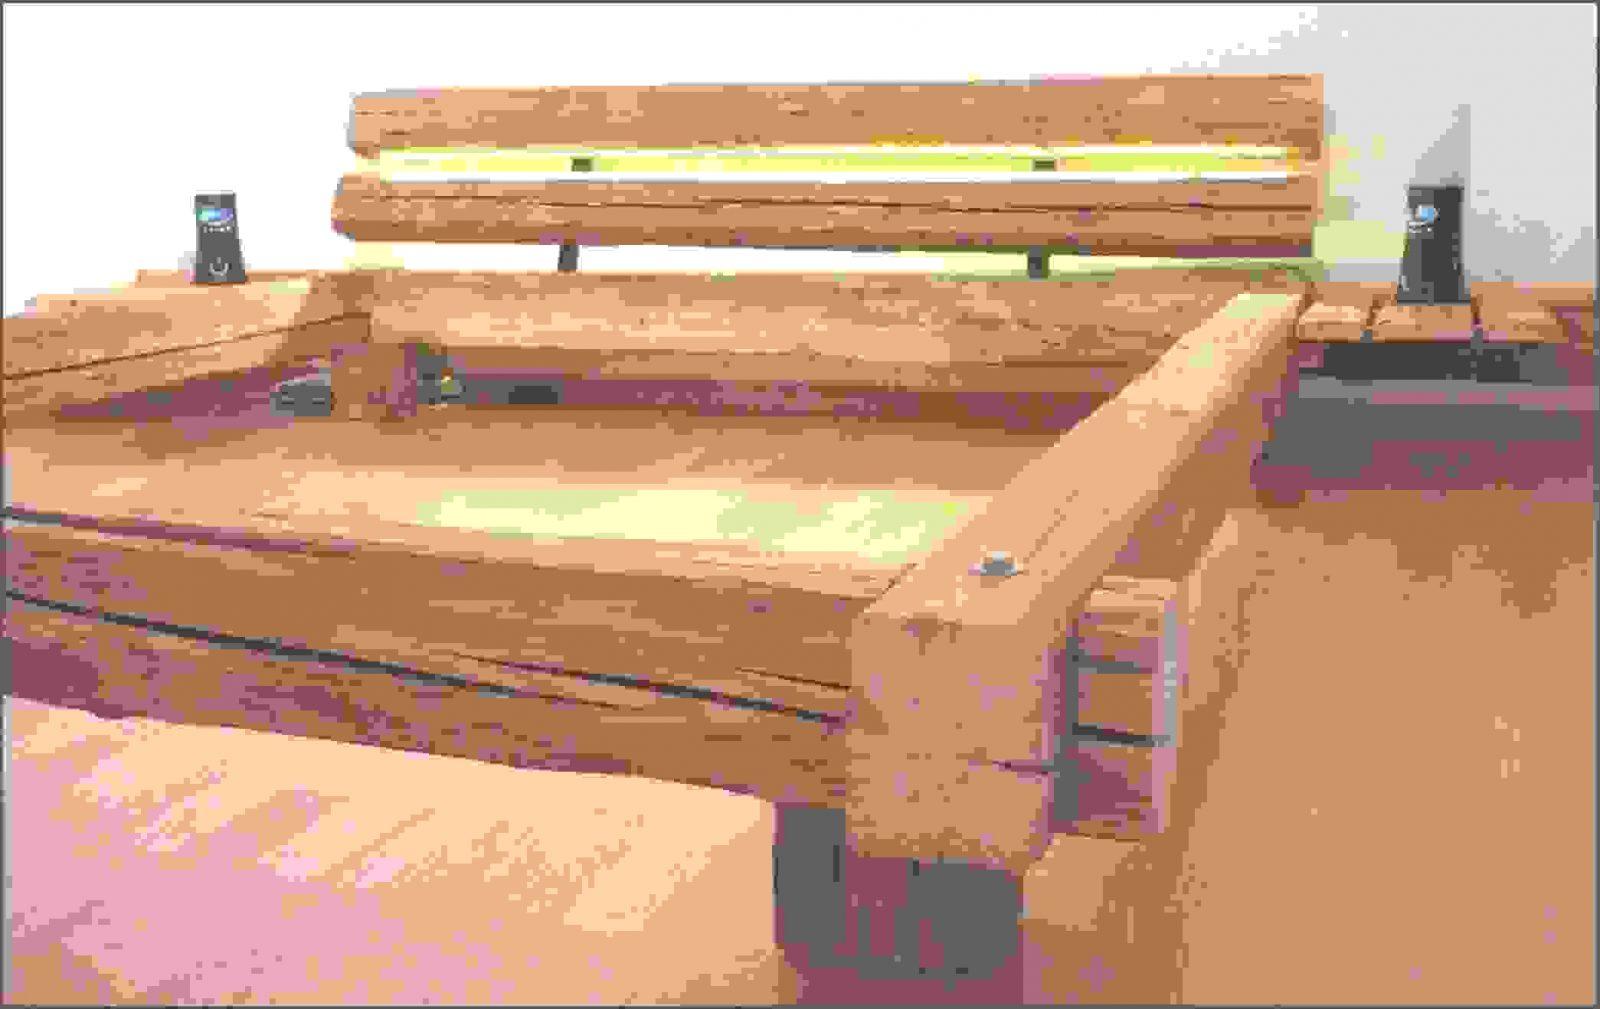 Verwunderlich Betten Selbst Bauen Plattform Bett Selber Bauen Von von Bett Selber Bauen Holz Bild